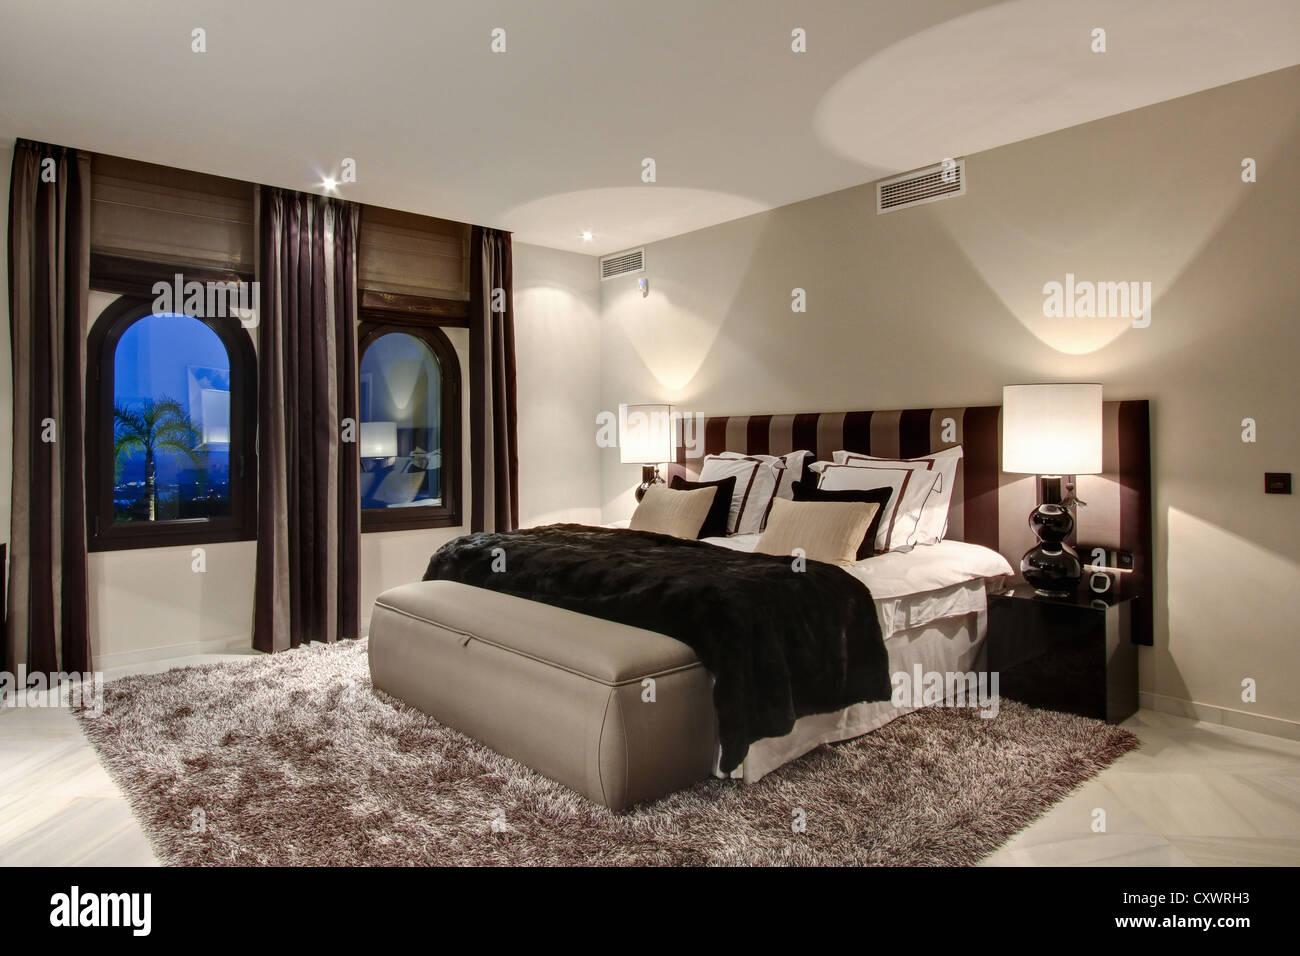 Lit et chambre à coucher moderne dans windows Photo Stock